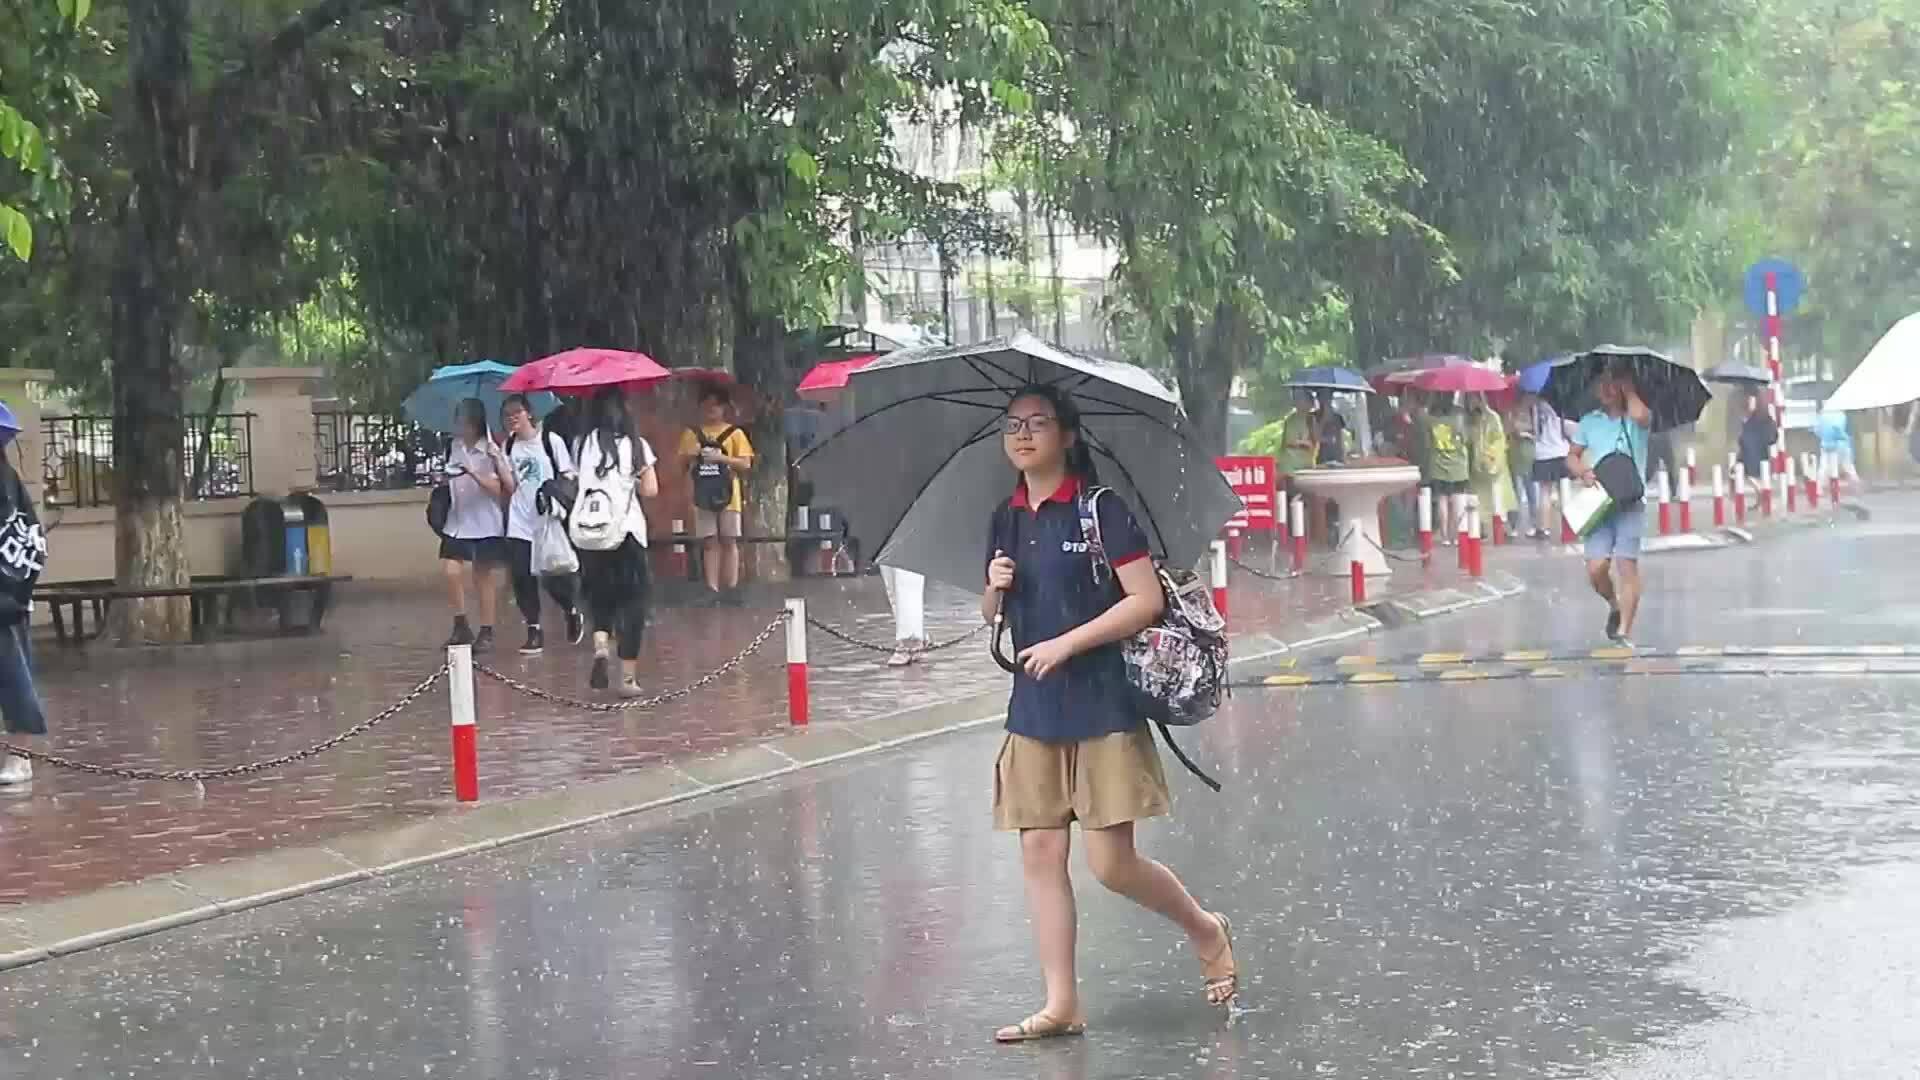 Video thí sinh đội mưa thi chuyên ngữ